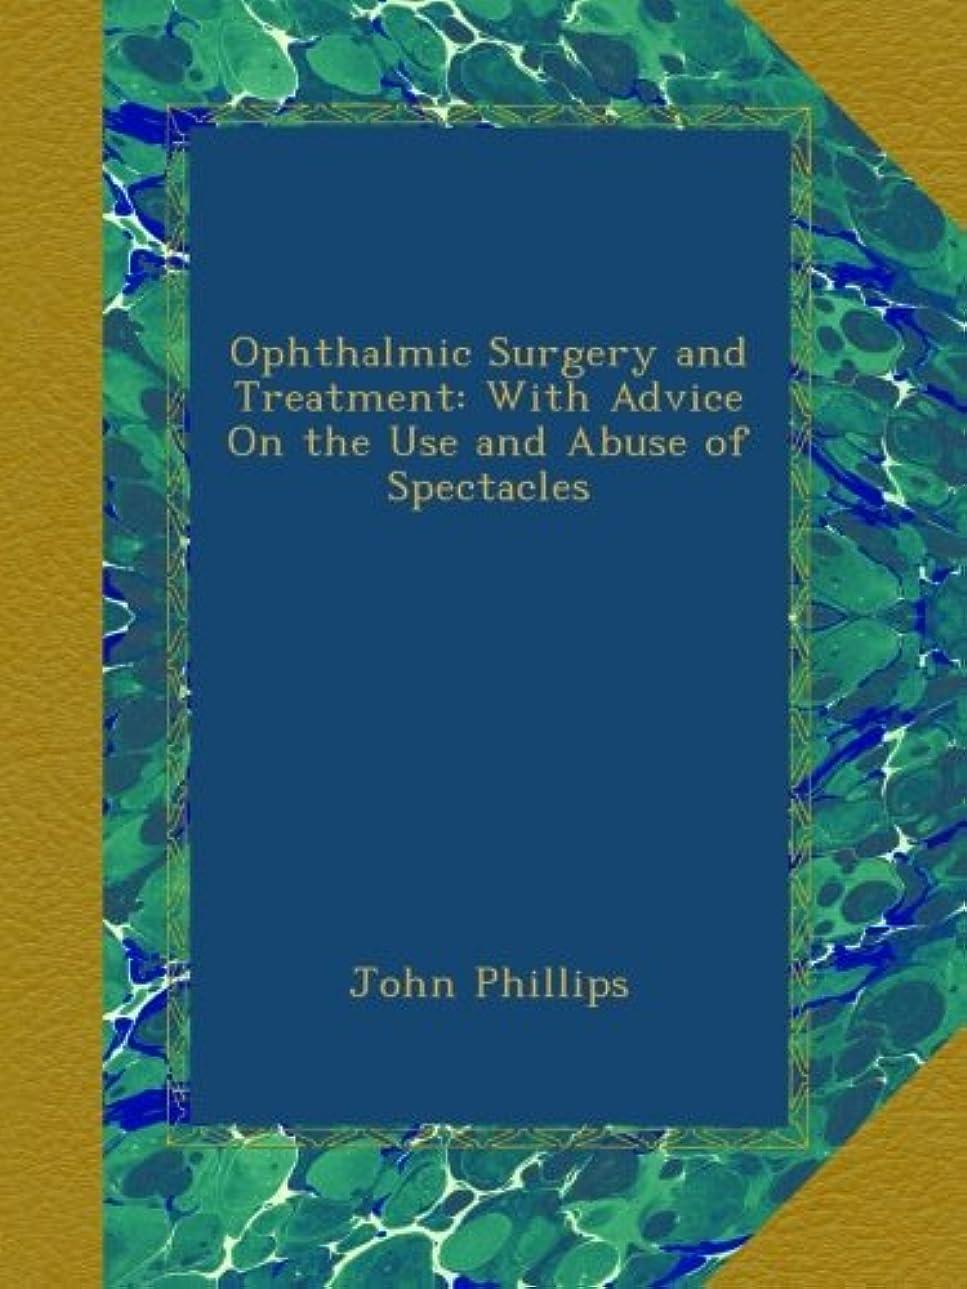 クリップ悩み承認するOphthalmic Surgery and Treatment: With Advice On the Use and Abuse of Spectacles